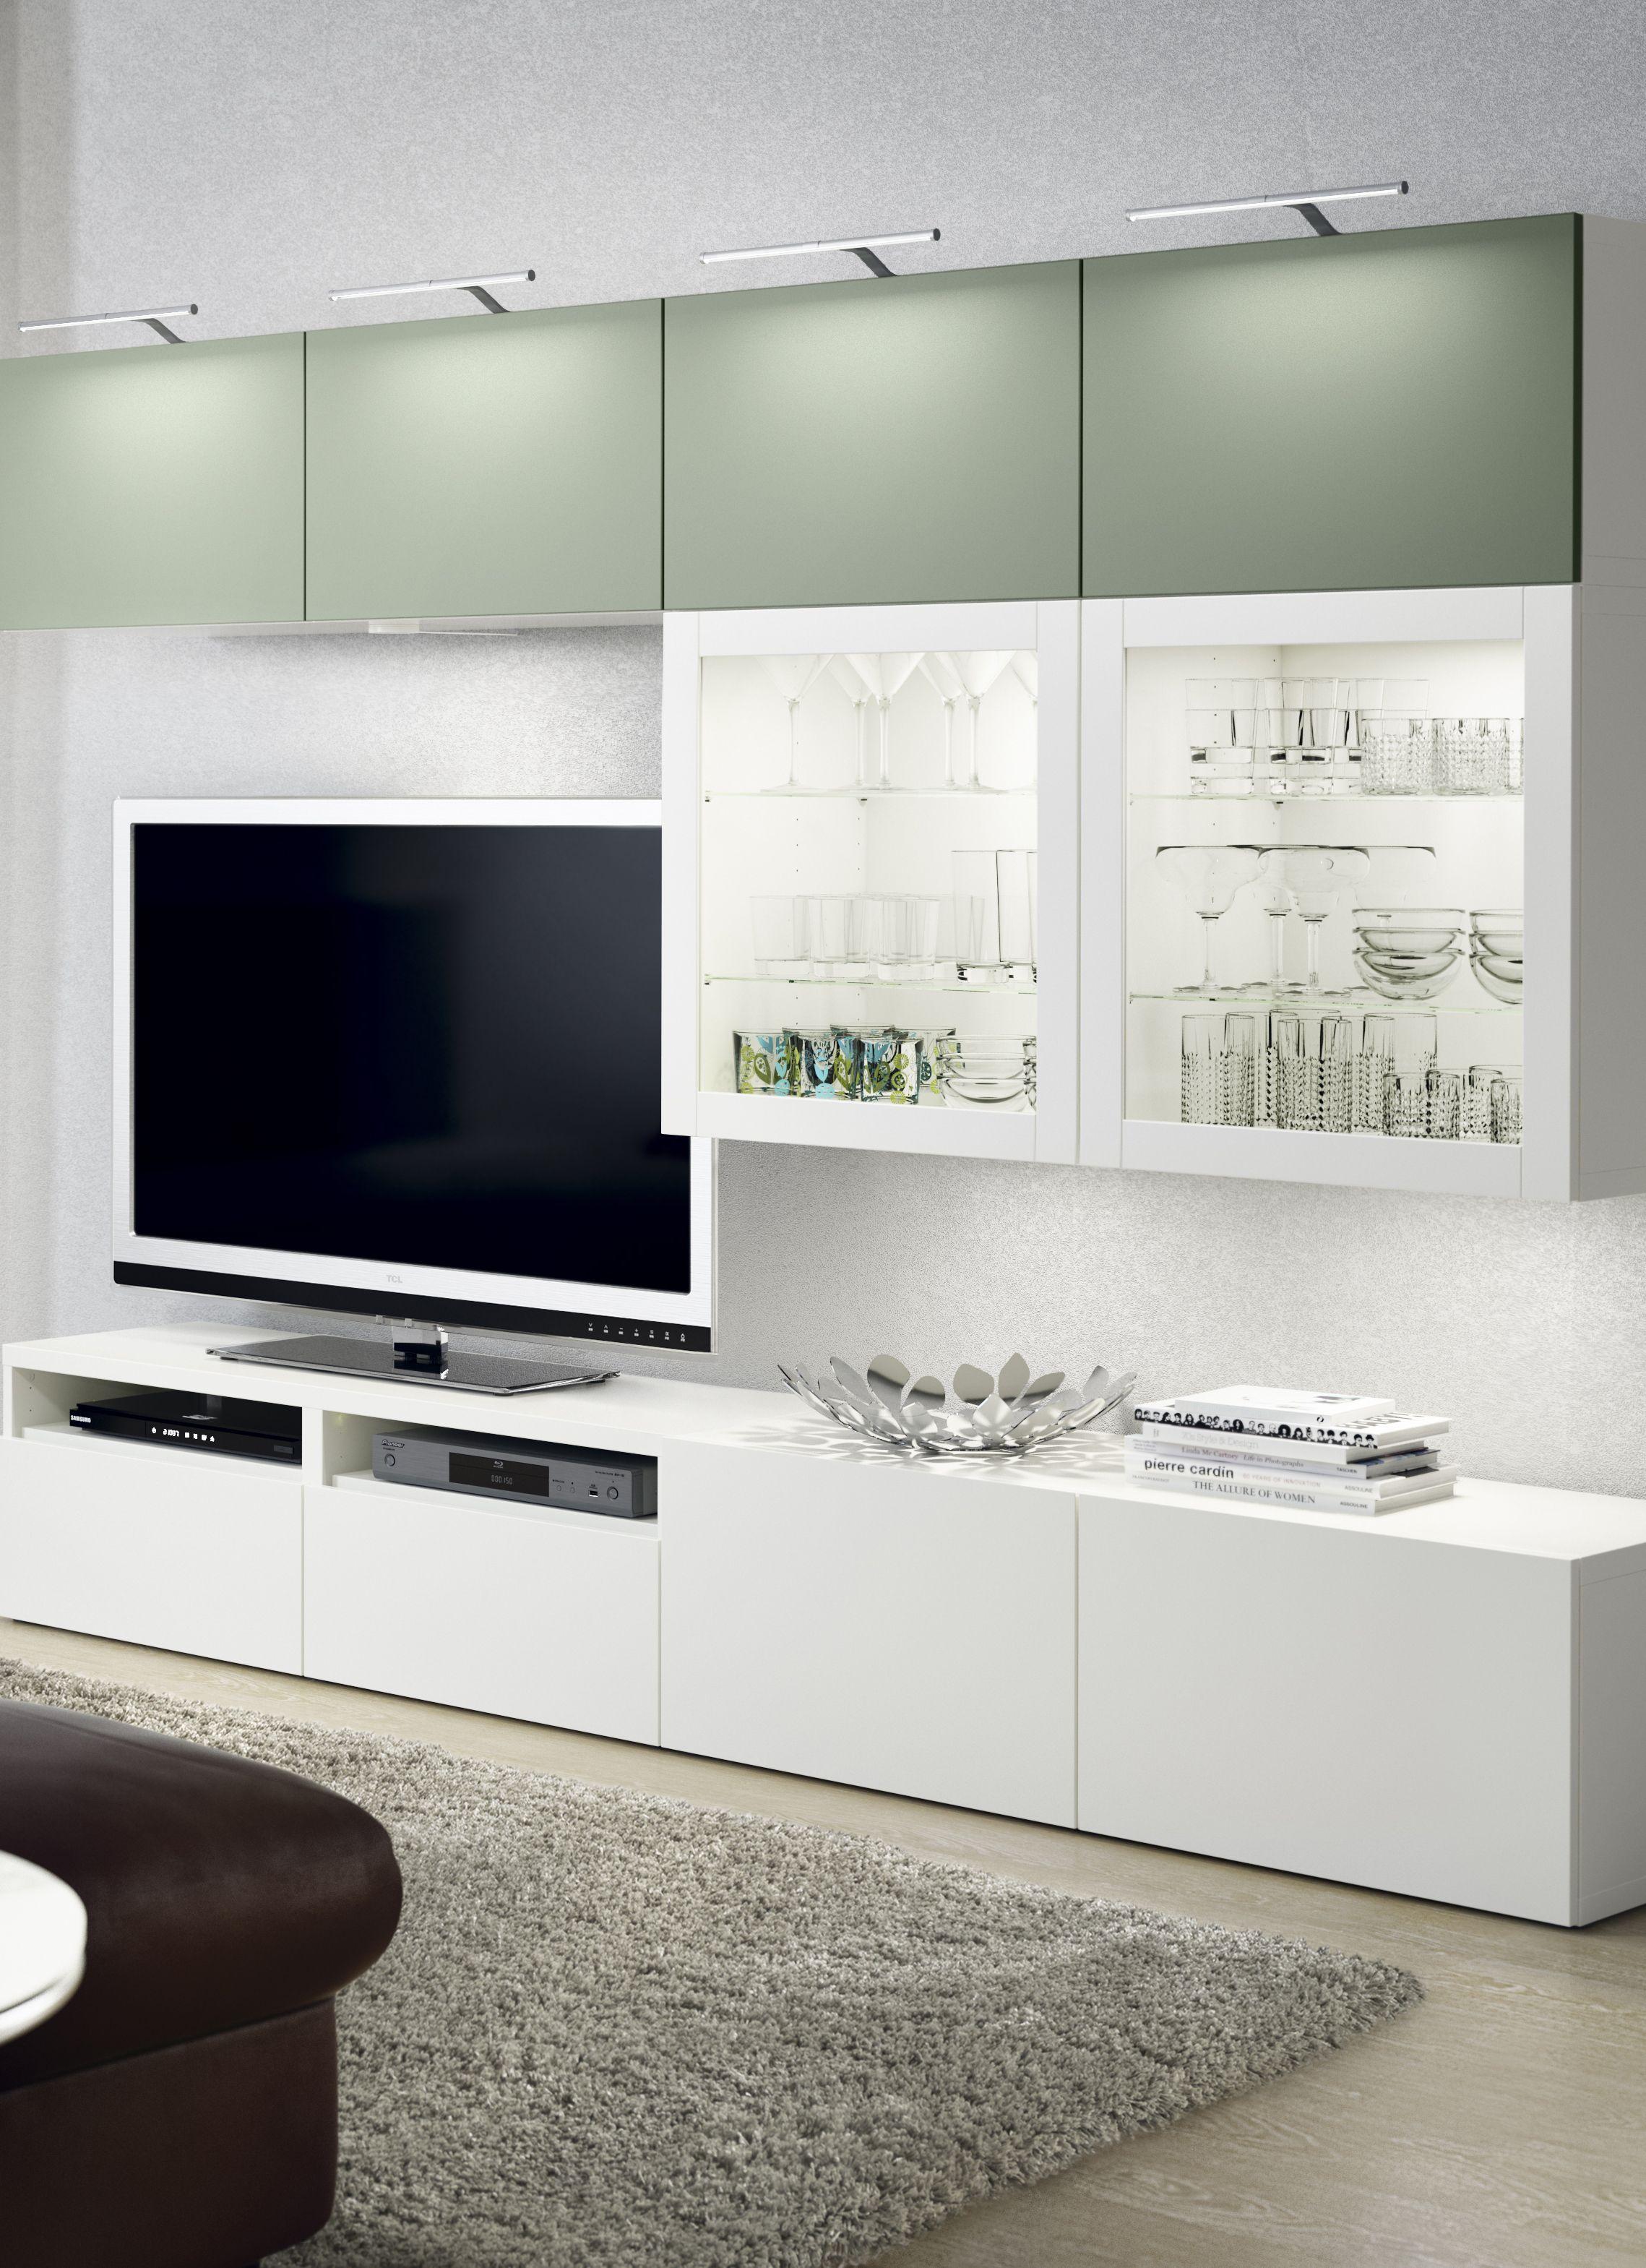 Organisation von küchenschränken marco thiele marcothiele on pinterest